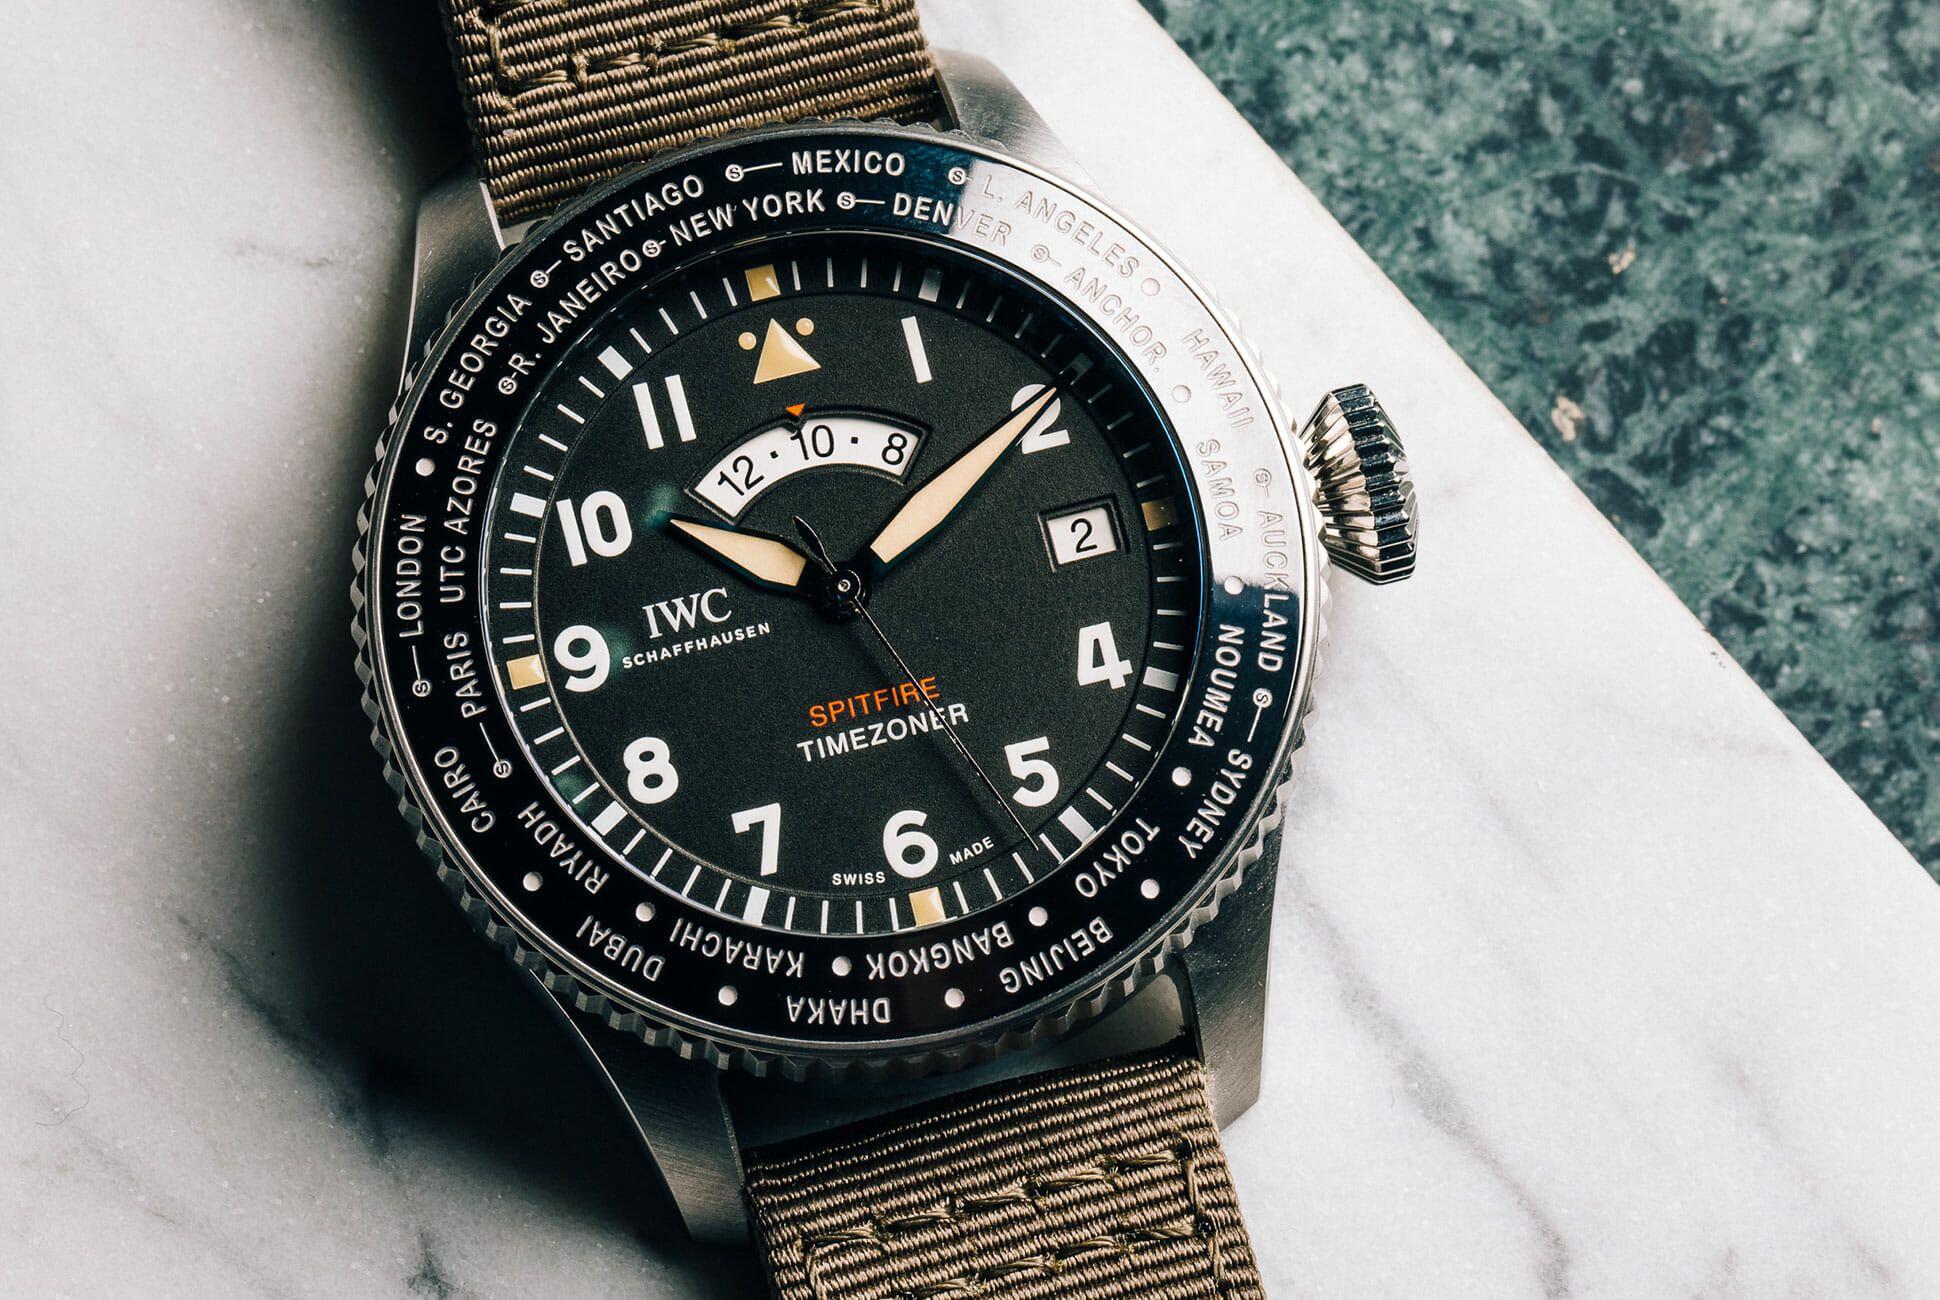 Best-of-SIHH-gear-patrol-IWC-Timezoner-The-Longest-Flight-slide-1